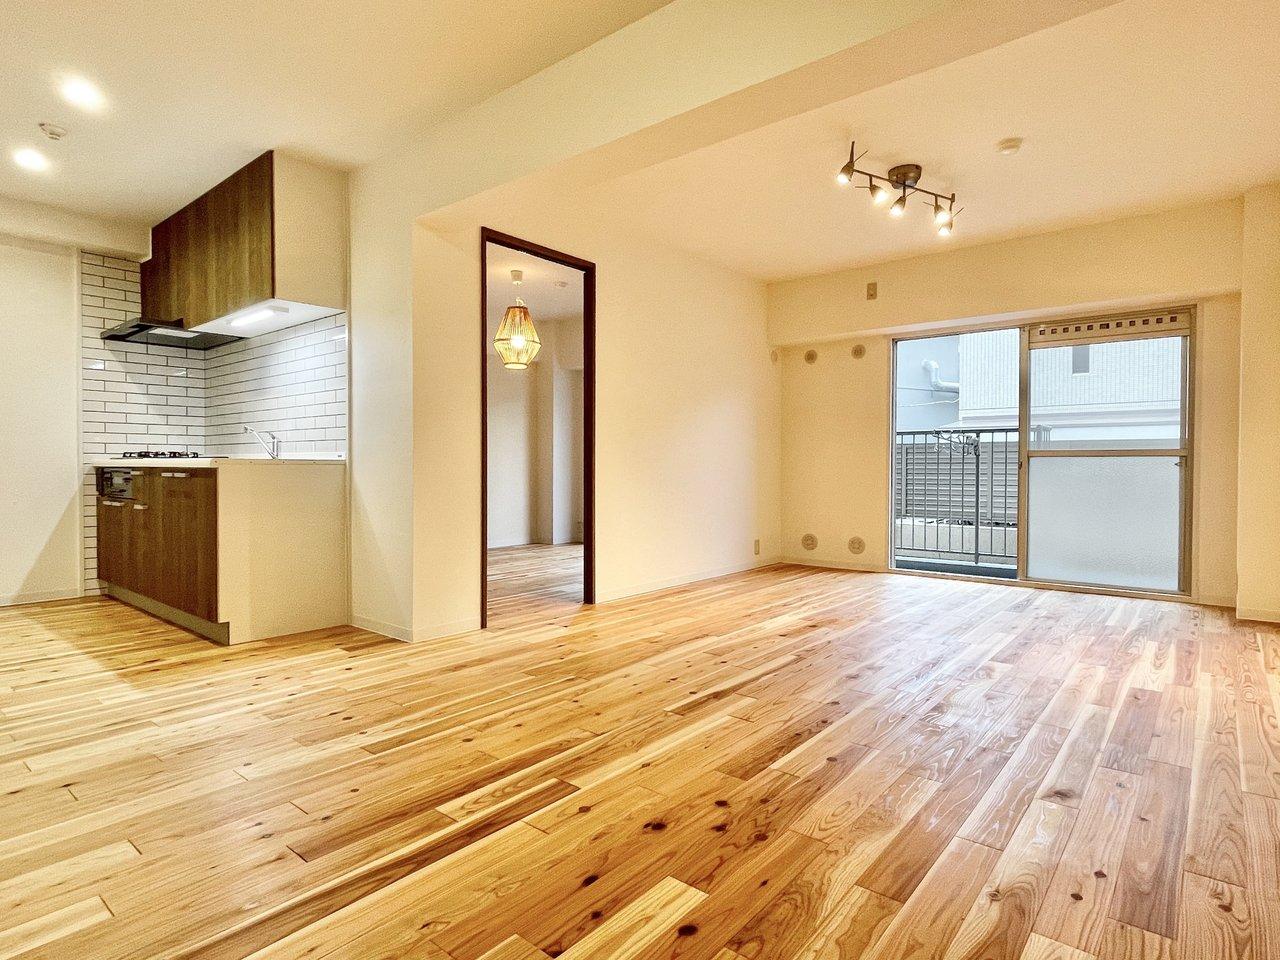 美しい木目がどこまでもつづくような、広い1SLDK。無垢材は杉の木です。床に合わせて、キッチンの前面や造り付けの棚もおそろいに。